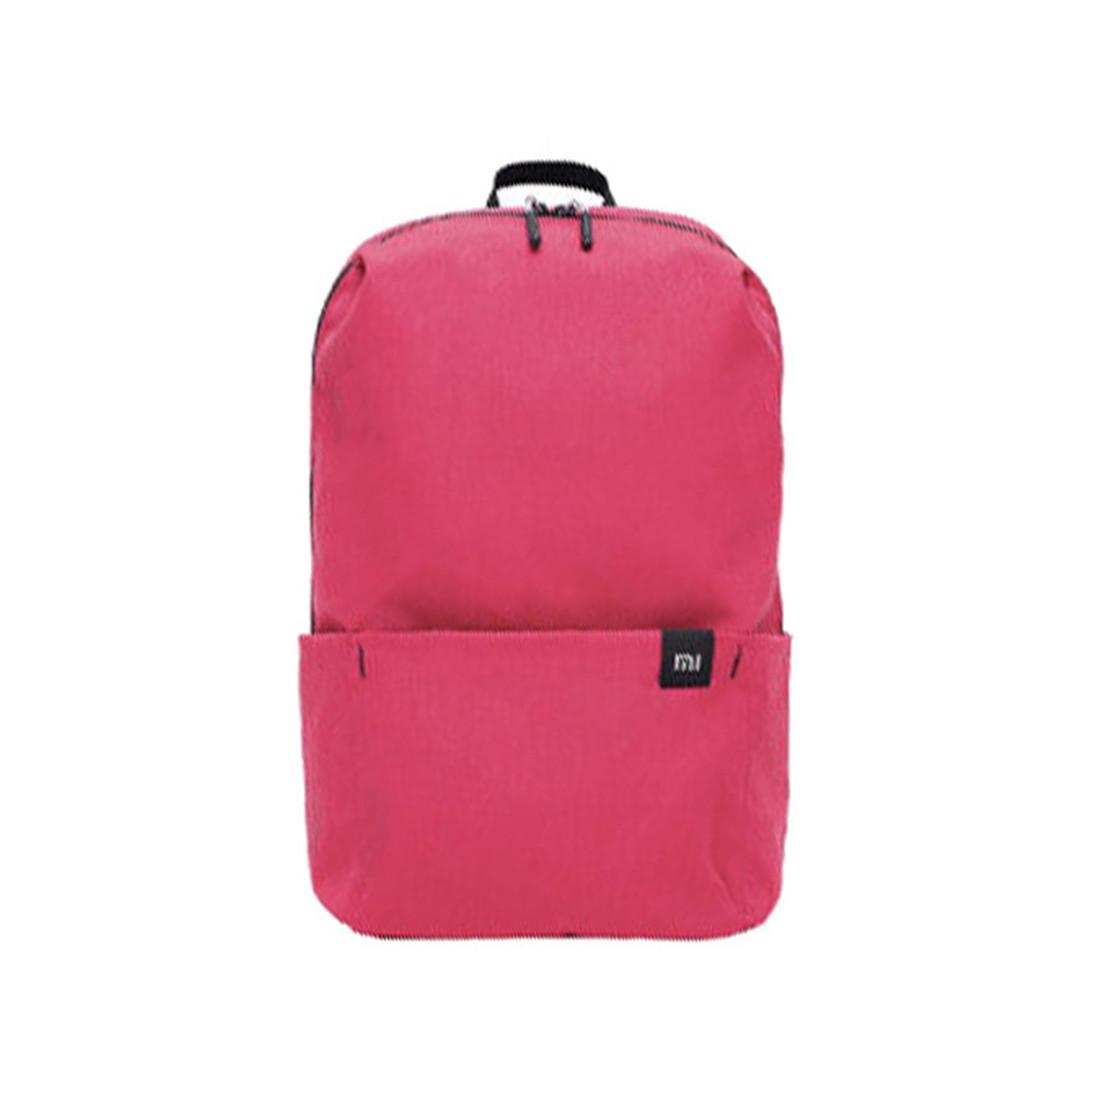 Рюкзак, Xioami, RunMi 90' Points Eight Colors ZJB4138CN, 10 л, 34х22.5х13 см, Полиэфирное волокно, Розовый